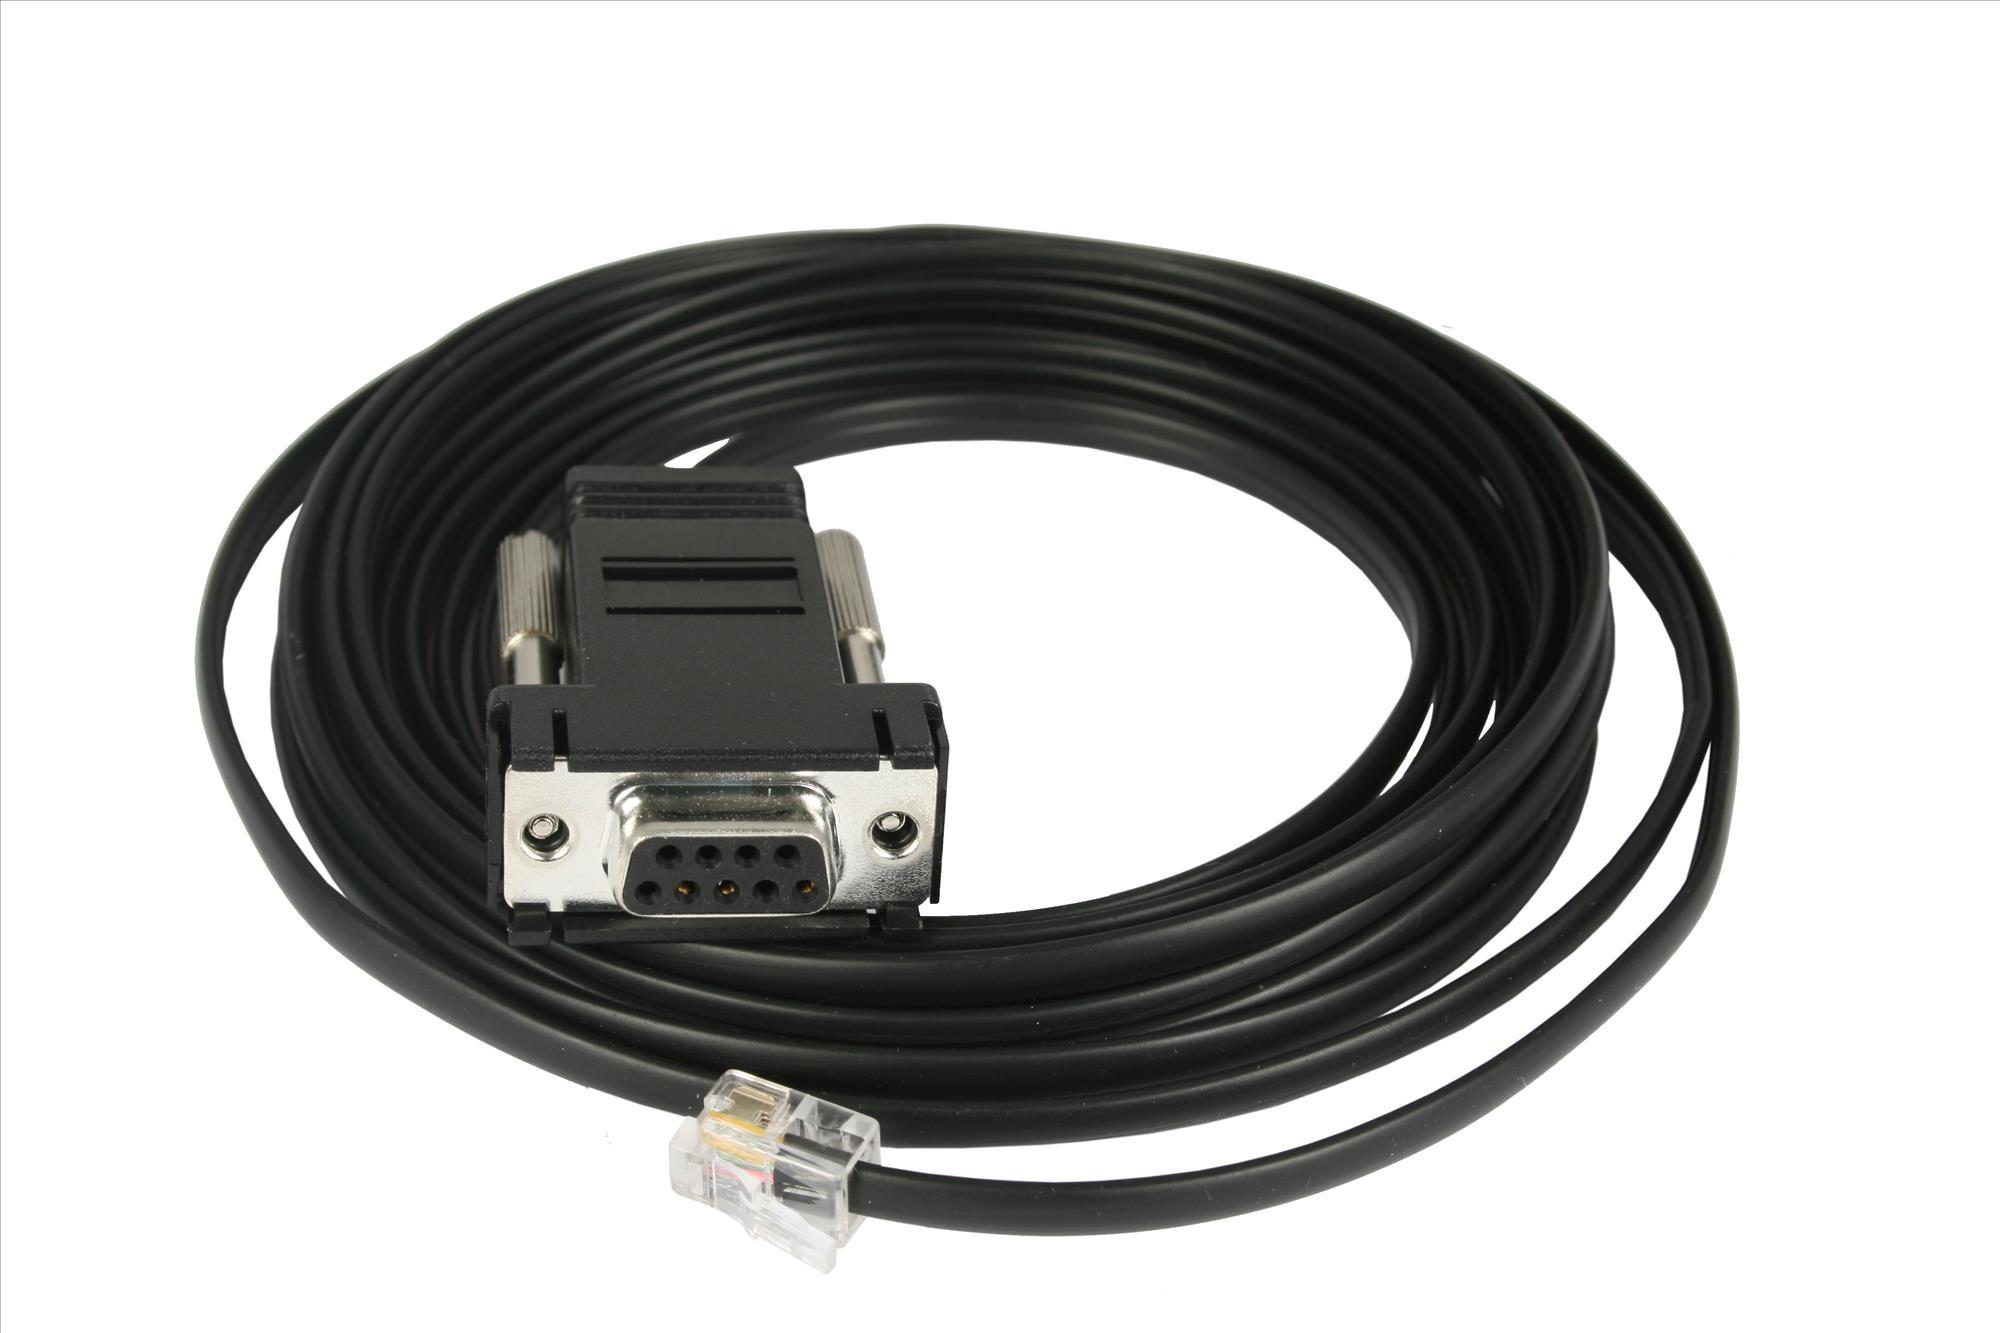 RS 232/RJ11 Kabel 3.5M für Celestron (Baader Produkt)